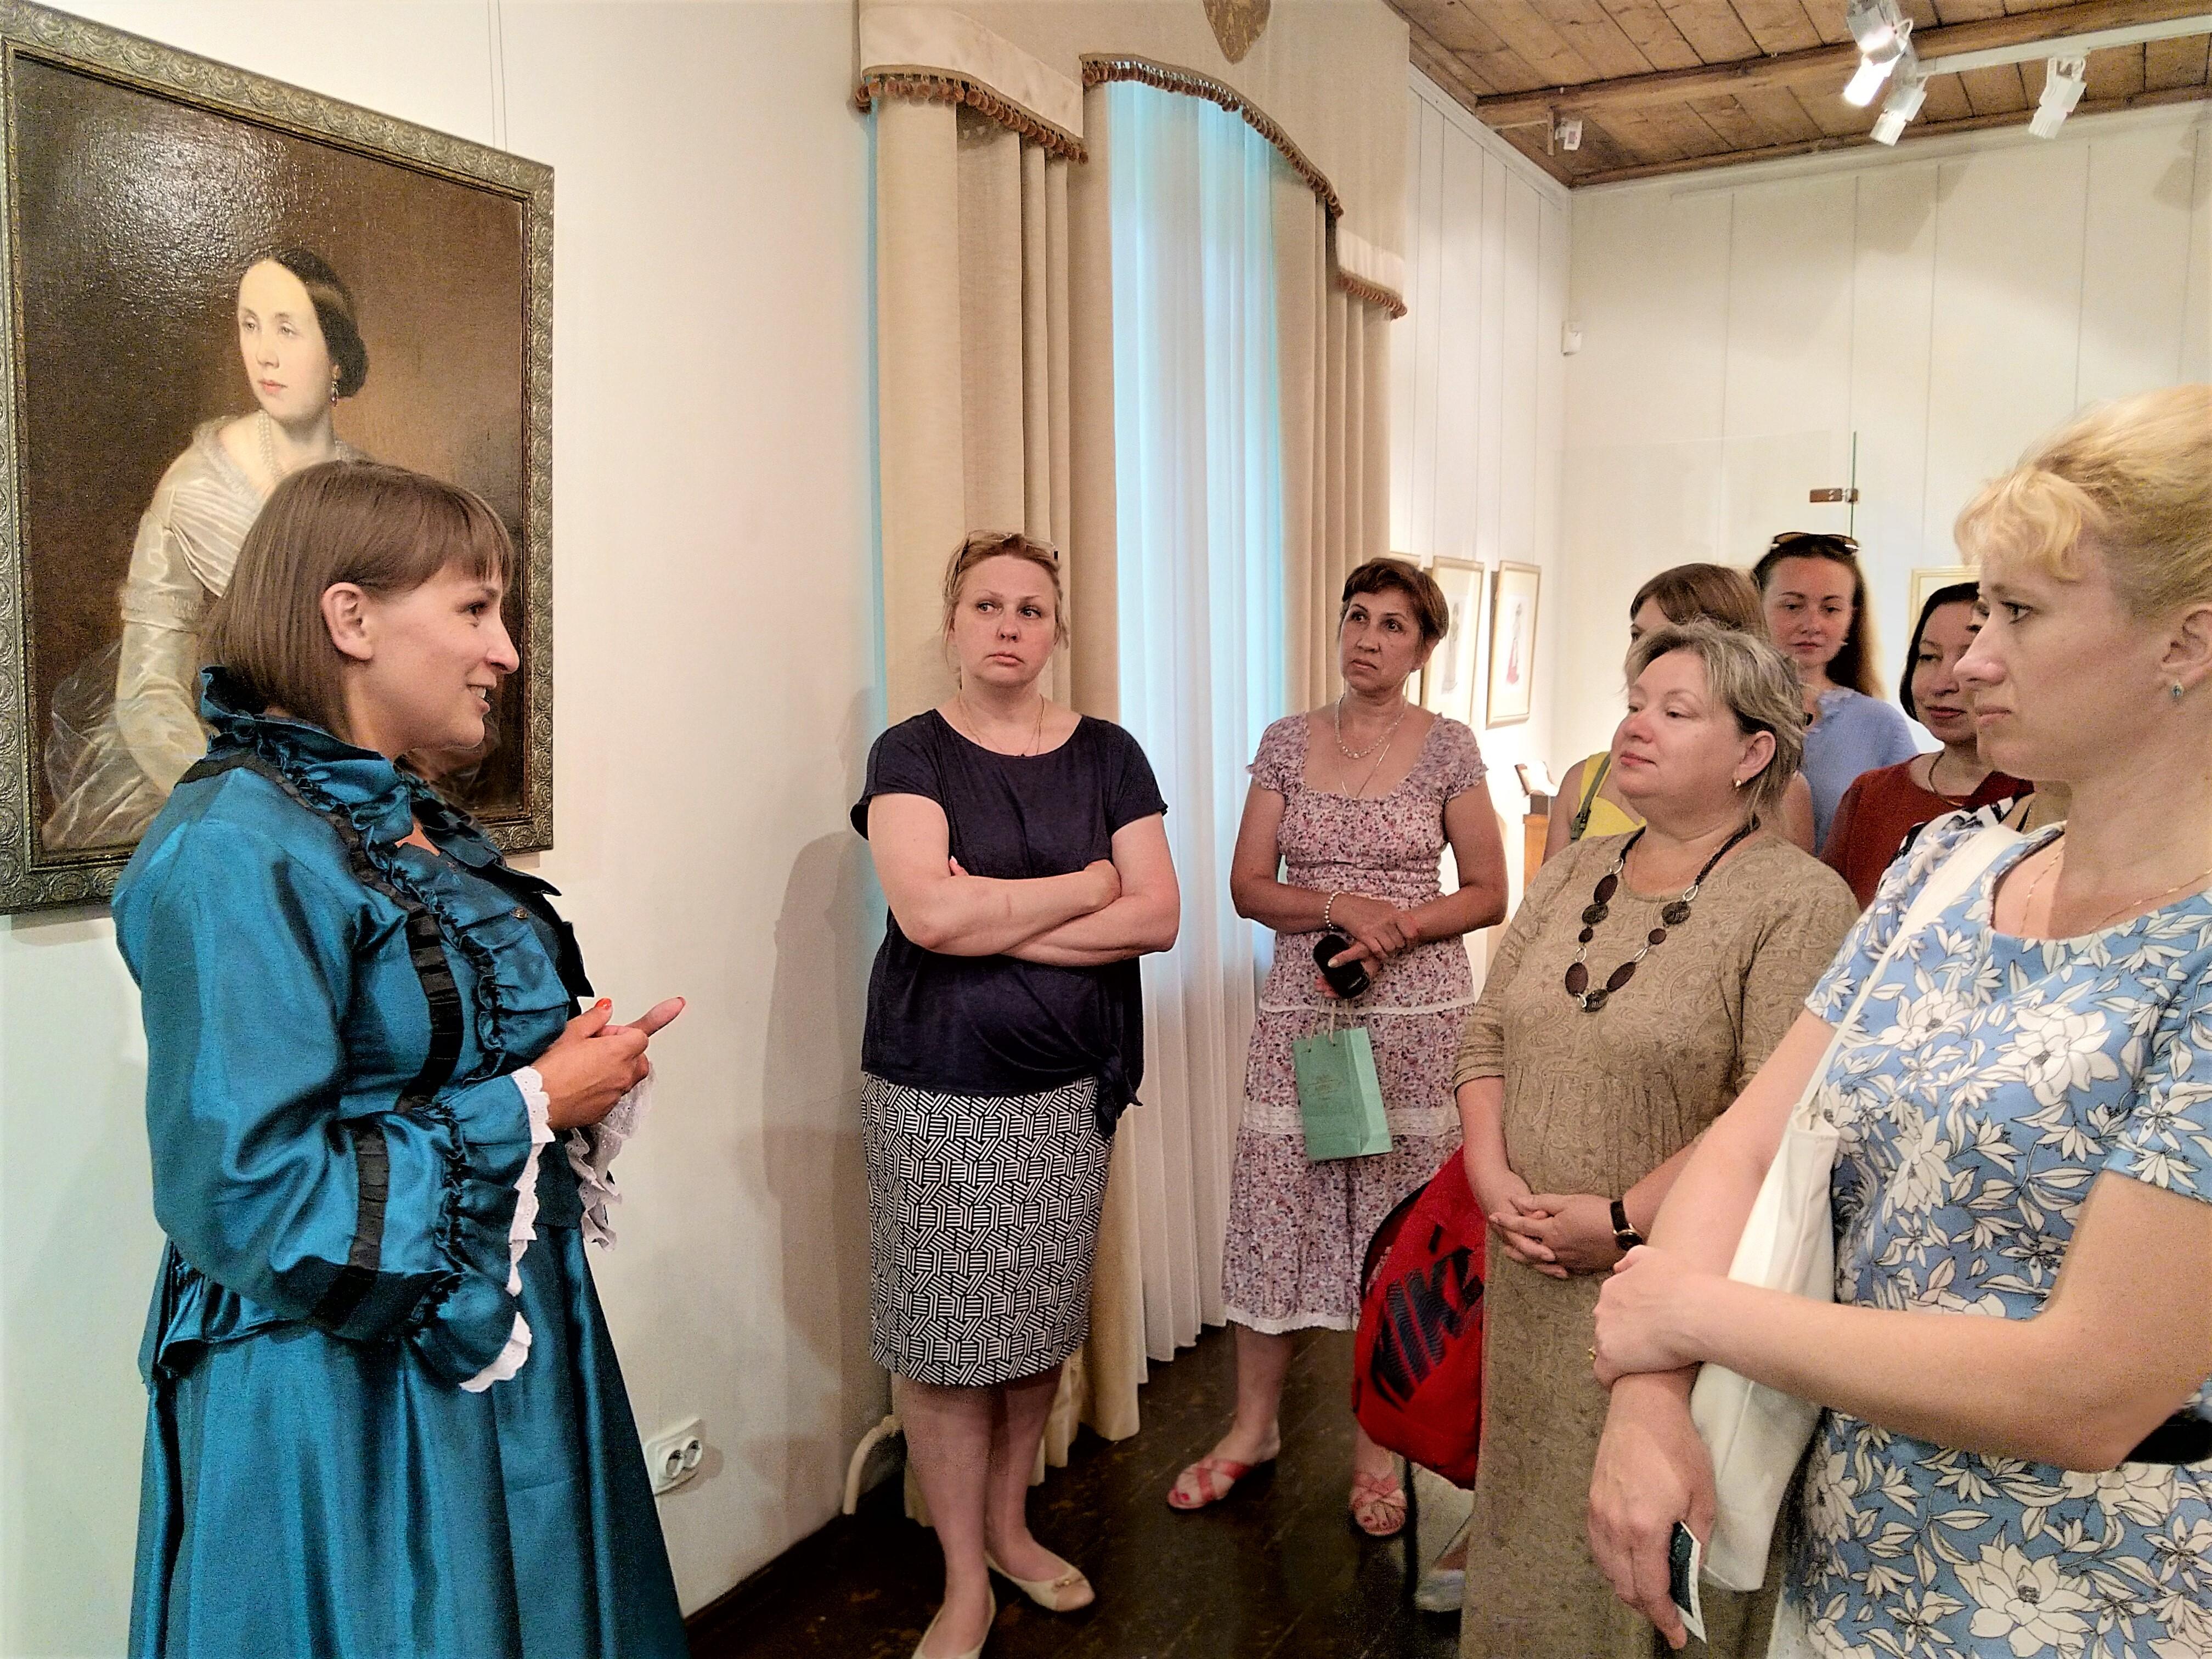 21 июня 2019 года в Поленовской даче состоялось открытие выставки «Дань моде», организованной совместно с Лермонтовским музеем-заповедником «Тарханы»